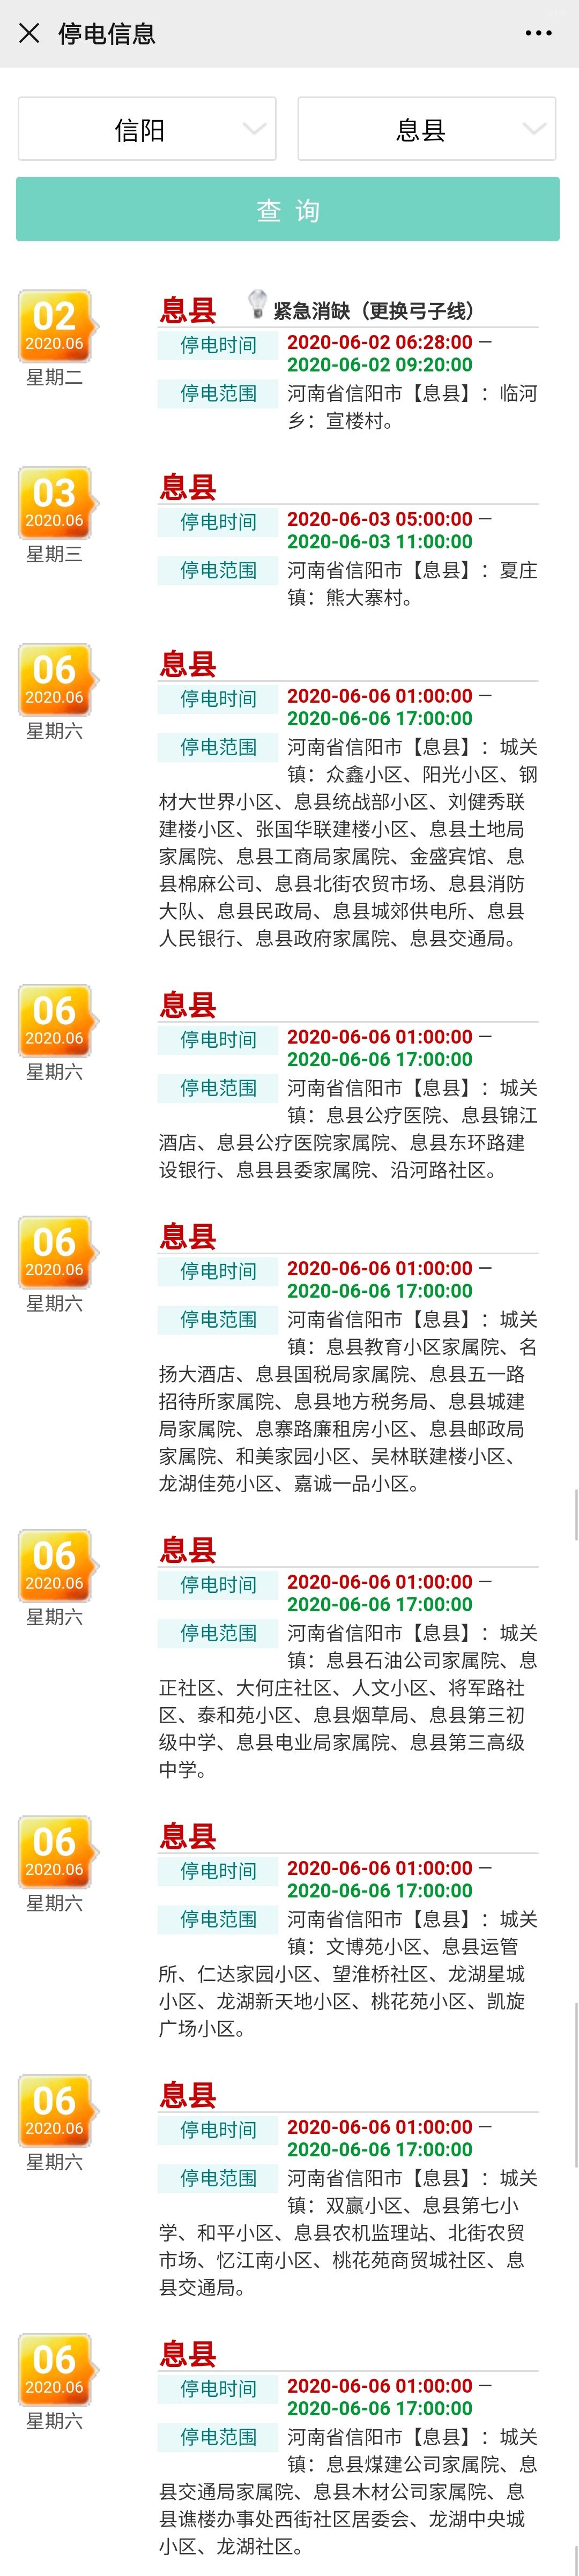 息县6月2日~9日全县停电通知